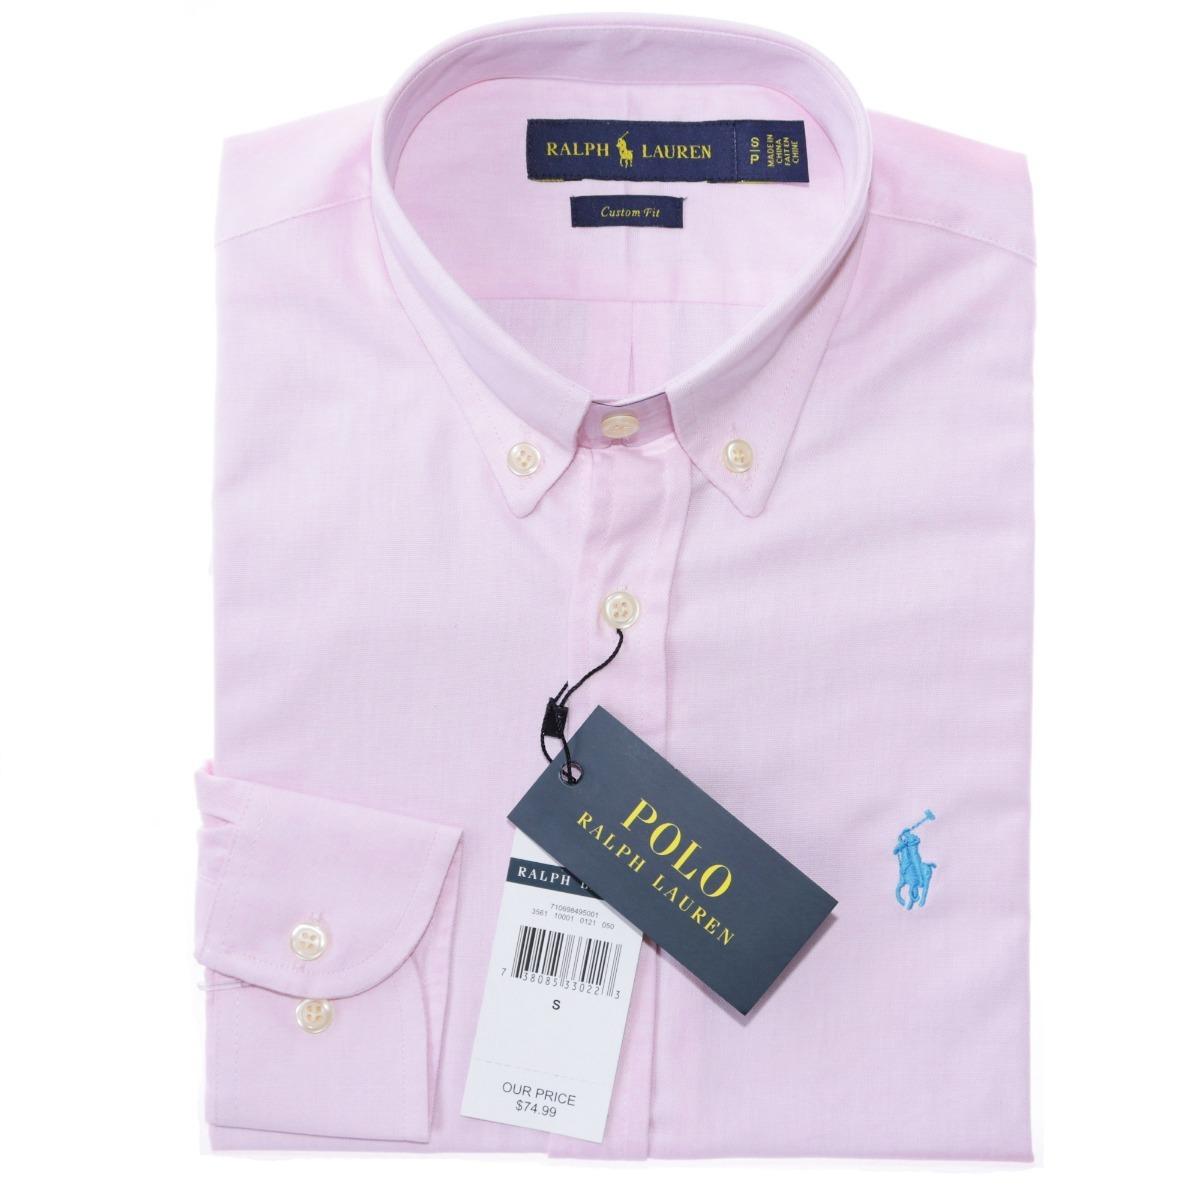 camisa social ralph lauren masc cst fit rosa oxford original. Carregando  zoom. 0eb4c49f8ea